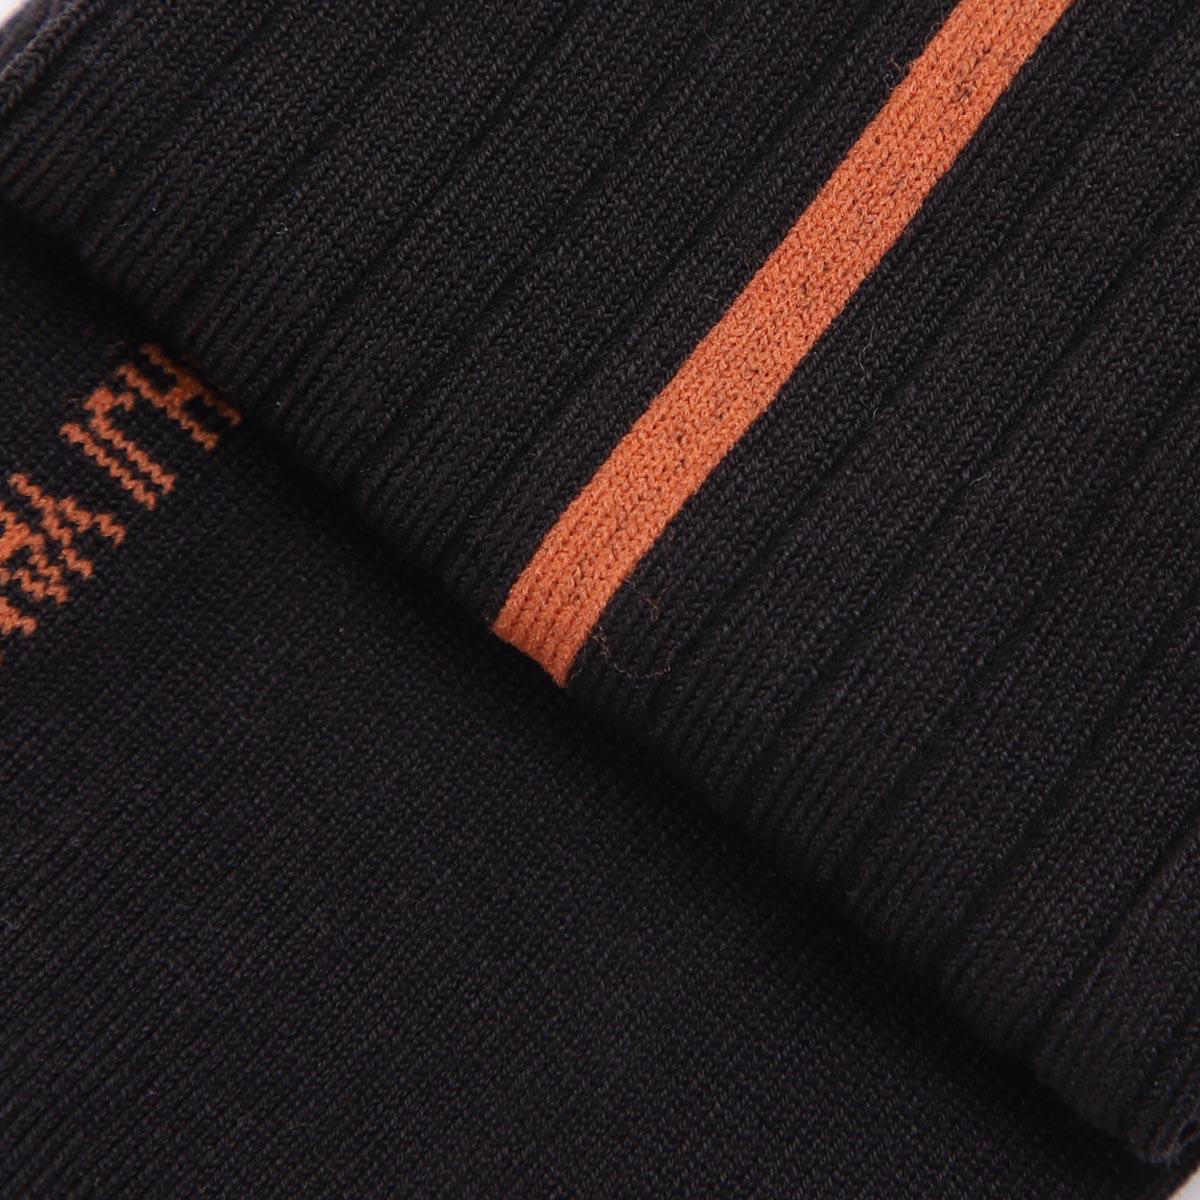 Y-3 ワイスリー ソックス/靴下/Y-3 CLASSIC CREW SOCK【返品交換不可】 メンズ